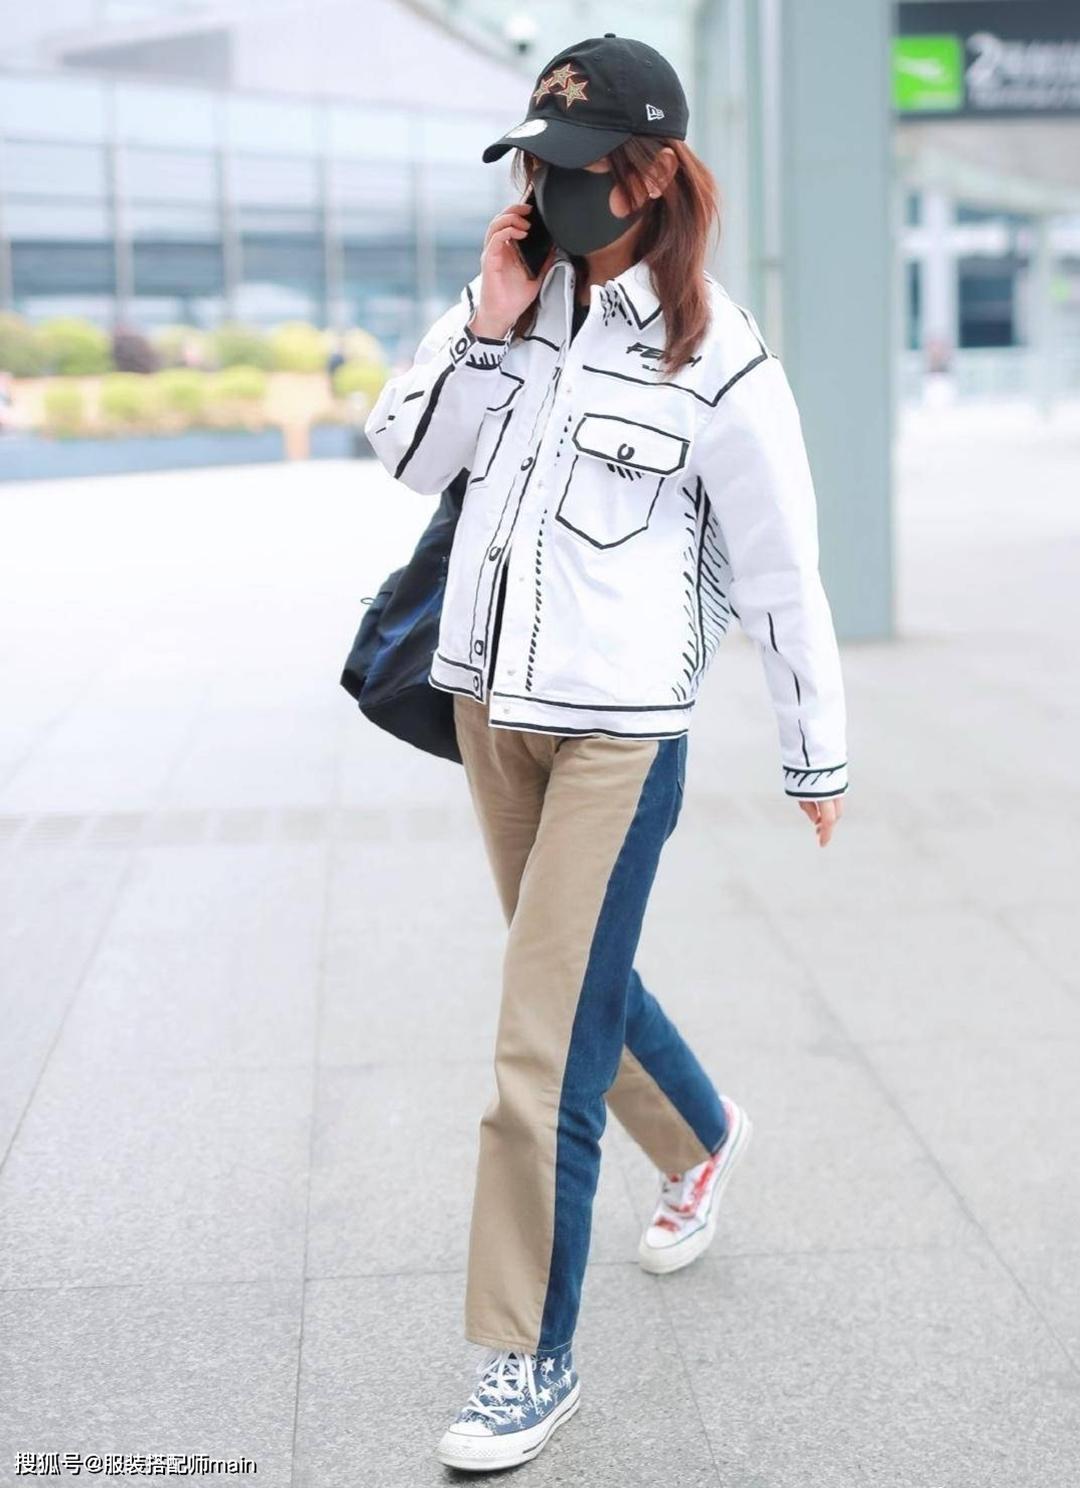 Hôm cuối tháng 5, Triệu Vy ra sân bay với trang phục cá tính gồm quần hai màu, mũ bóng chày, giày cọc cạch và áo khoác đồ họa thuộc bộ sưu tập Pre Fall 2020 mang tên California Sky  của Fendi.